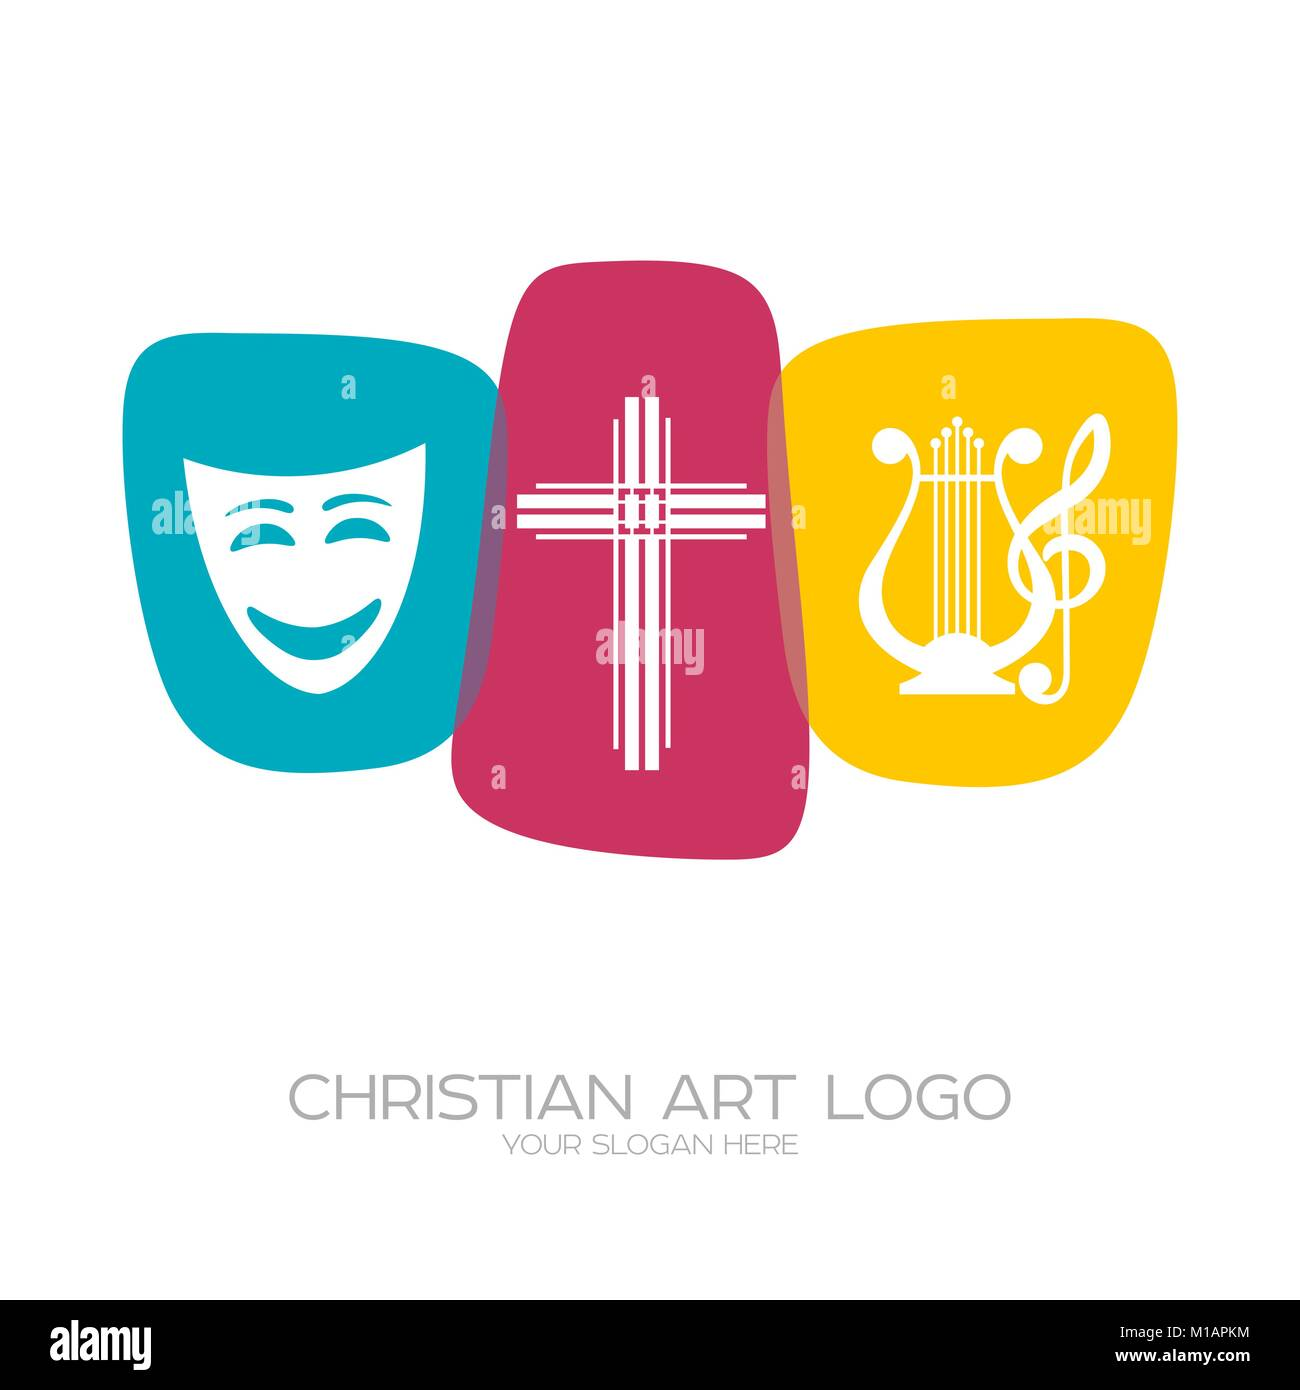 Il logo del cristiano del team creativo di eseguire produzioni teatrali, poesie, musical Illustrazione Vettoriale